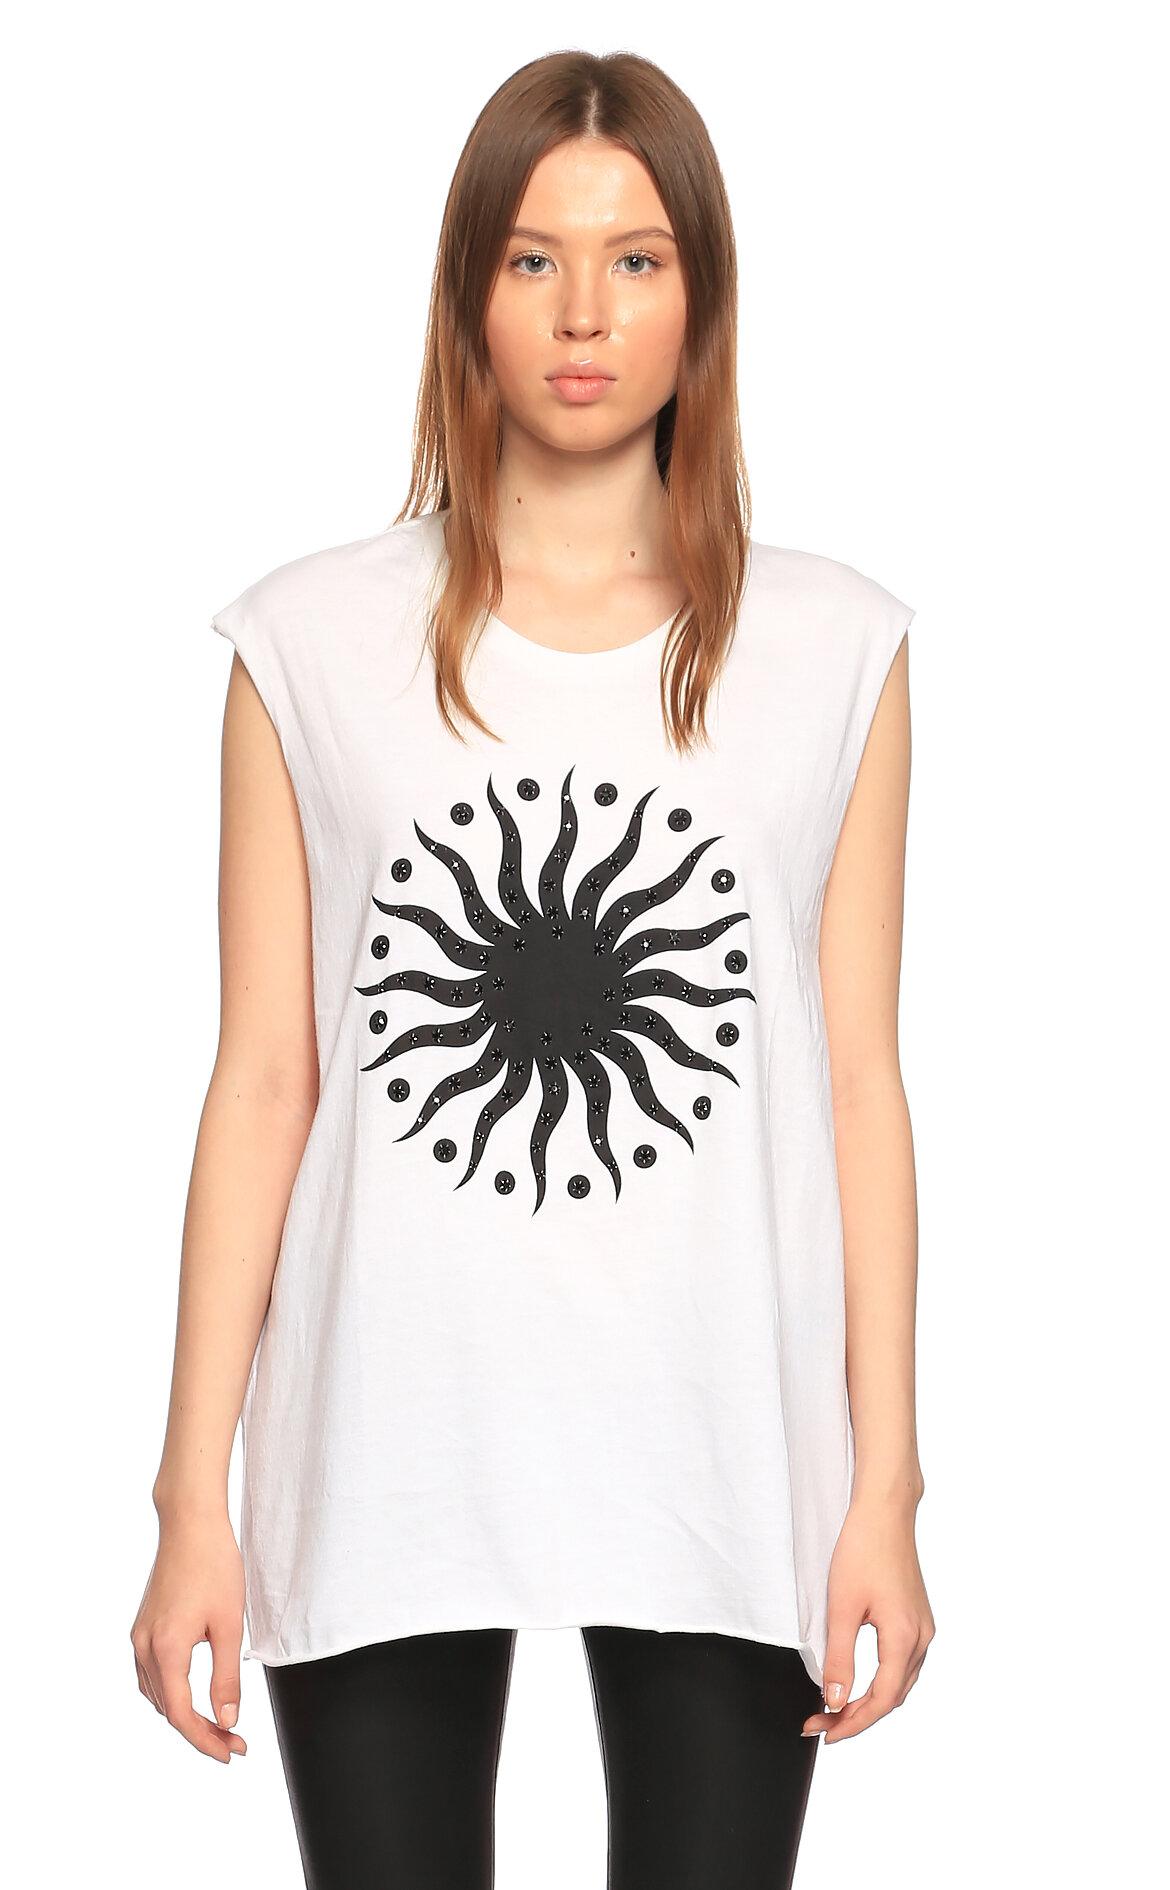 E.Vil-E.Vil Baskı Desen Kolsuz Arkası Delikli Beyaz T-Shirt